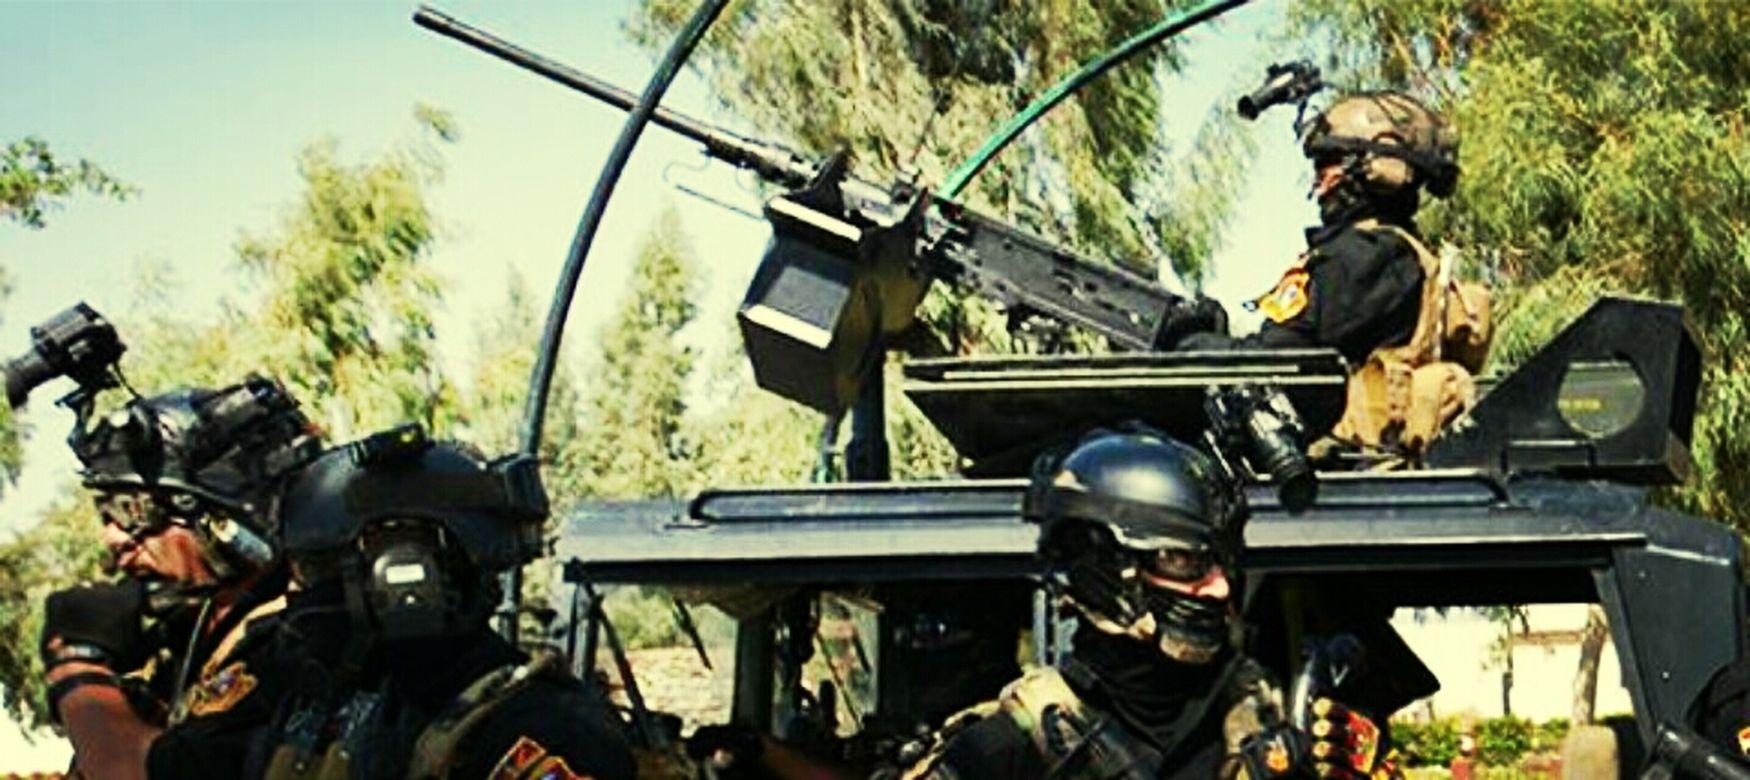 Baghdad Iraq Army Brat Army امس رجعنة من الرمادي لبغداد بعد انهاء المهام المسندة الينا . اشتاقينة للرمادي خوش نصك بيهة هناك